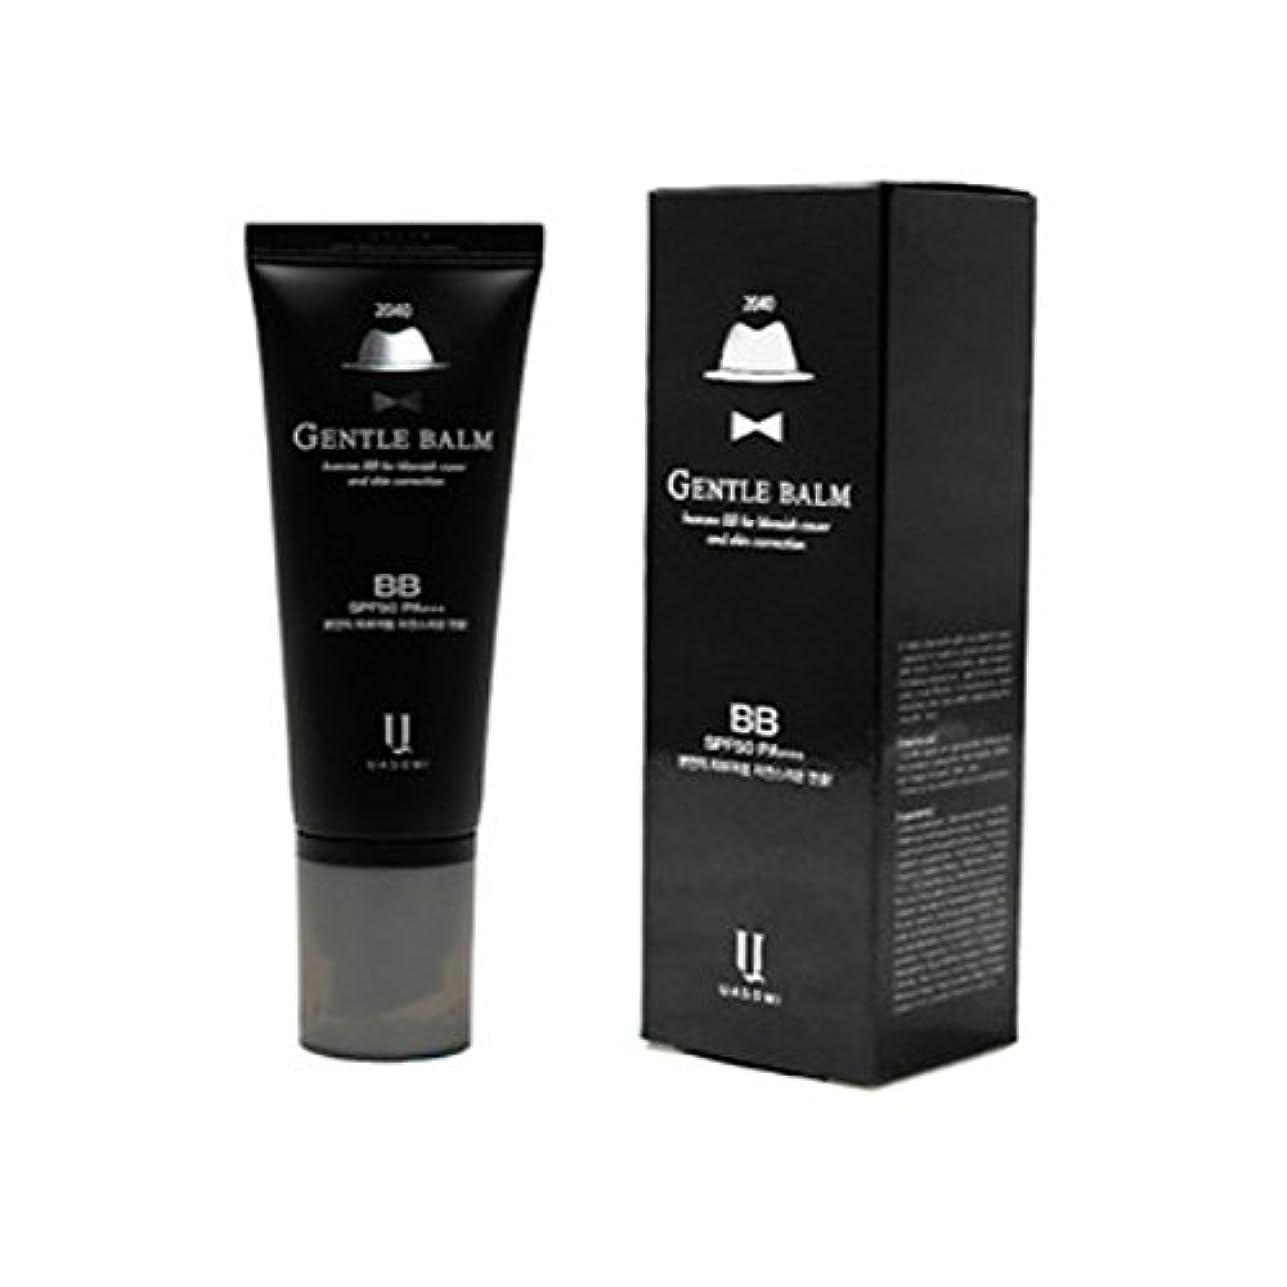 ファシズムロシアはい(男 BB クリーム 韓国 日焼け止め) homme 2040 BB for blemish cover and skin correction korea beauty Gentle bam SFP50 PA+++ (...